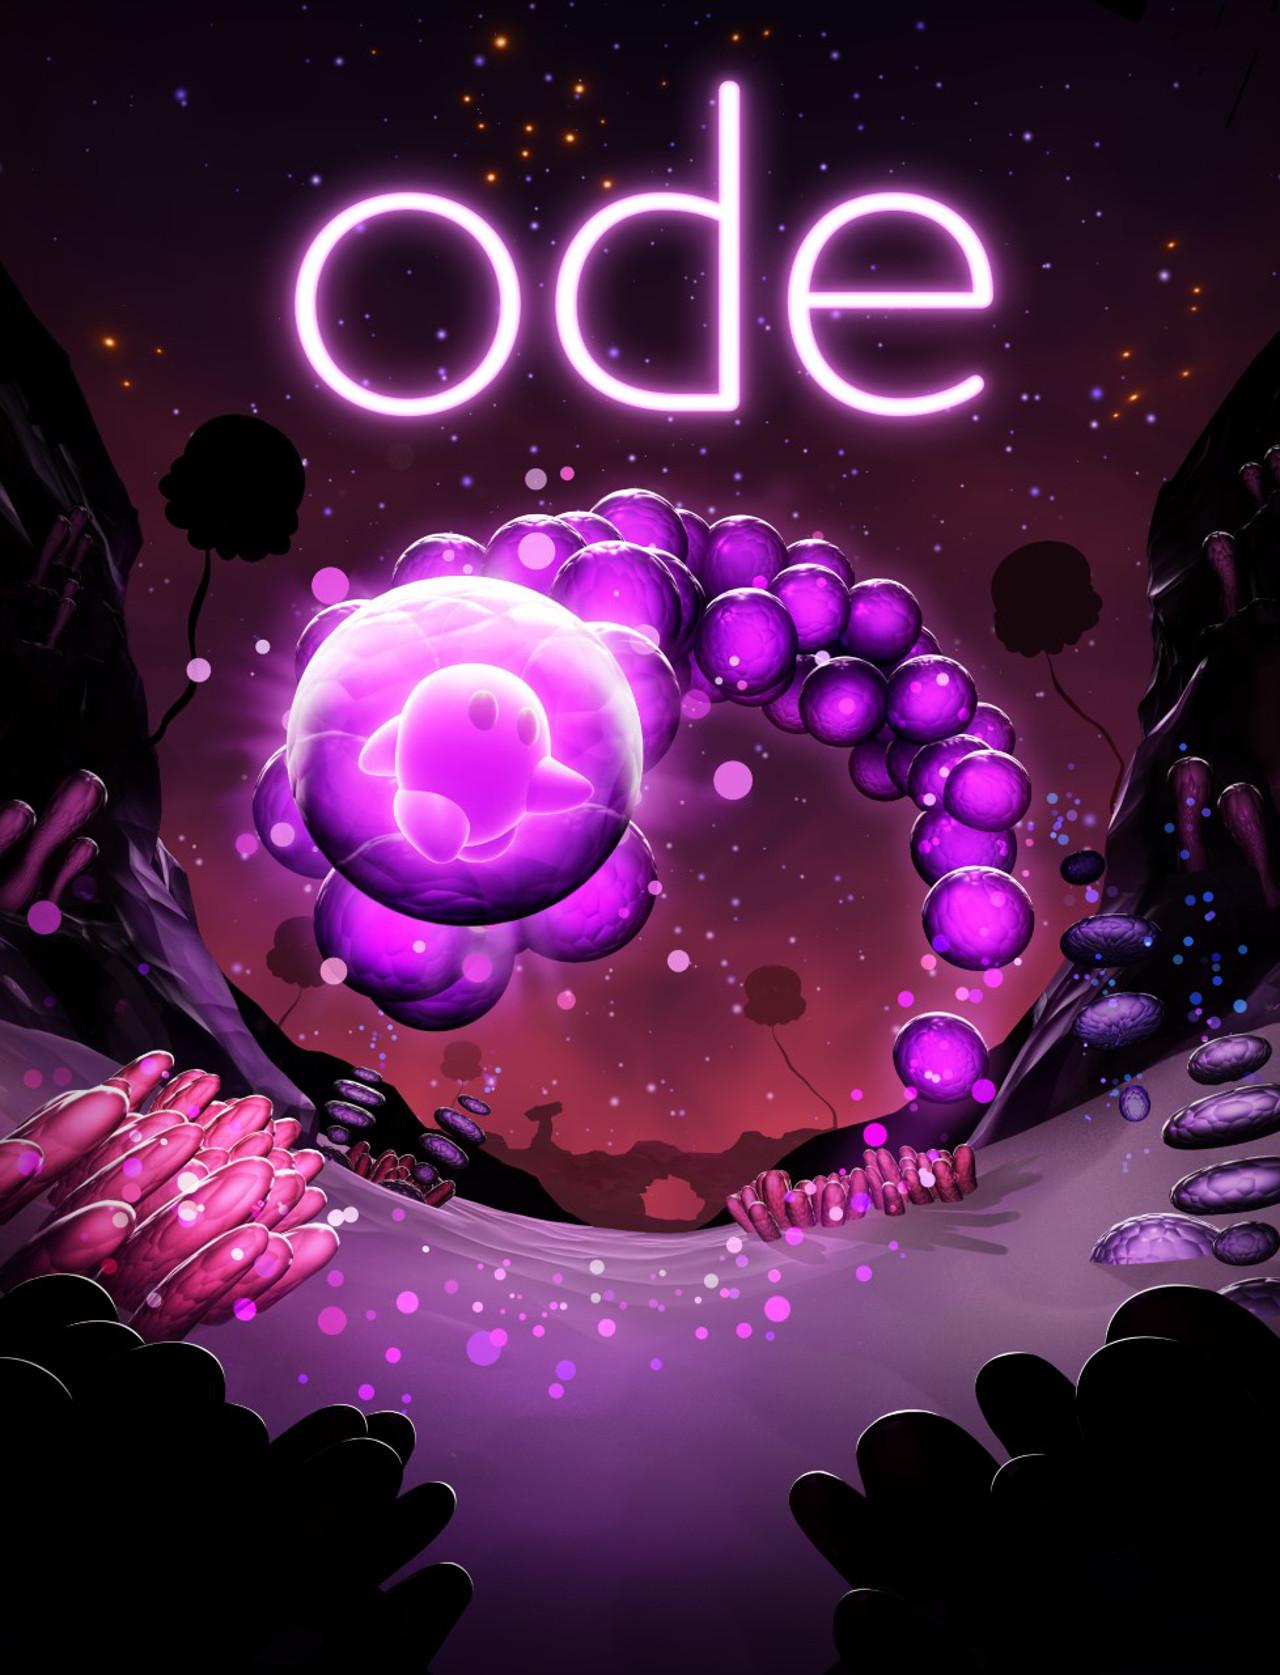 Ubisoft annuncia Ode, una nuova esperienza musicale per PC